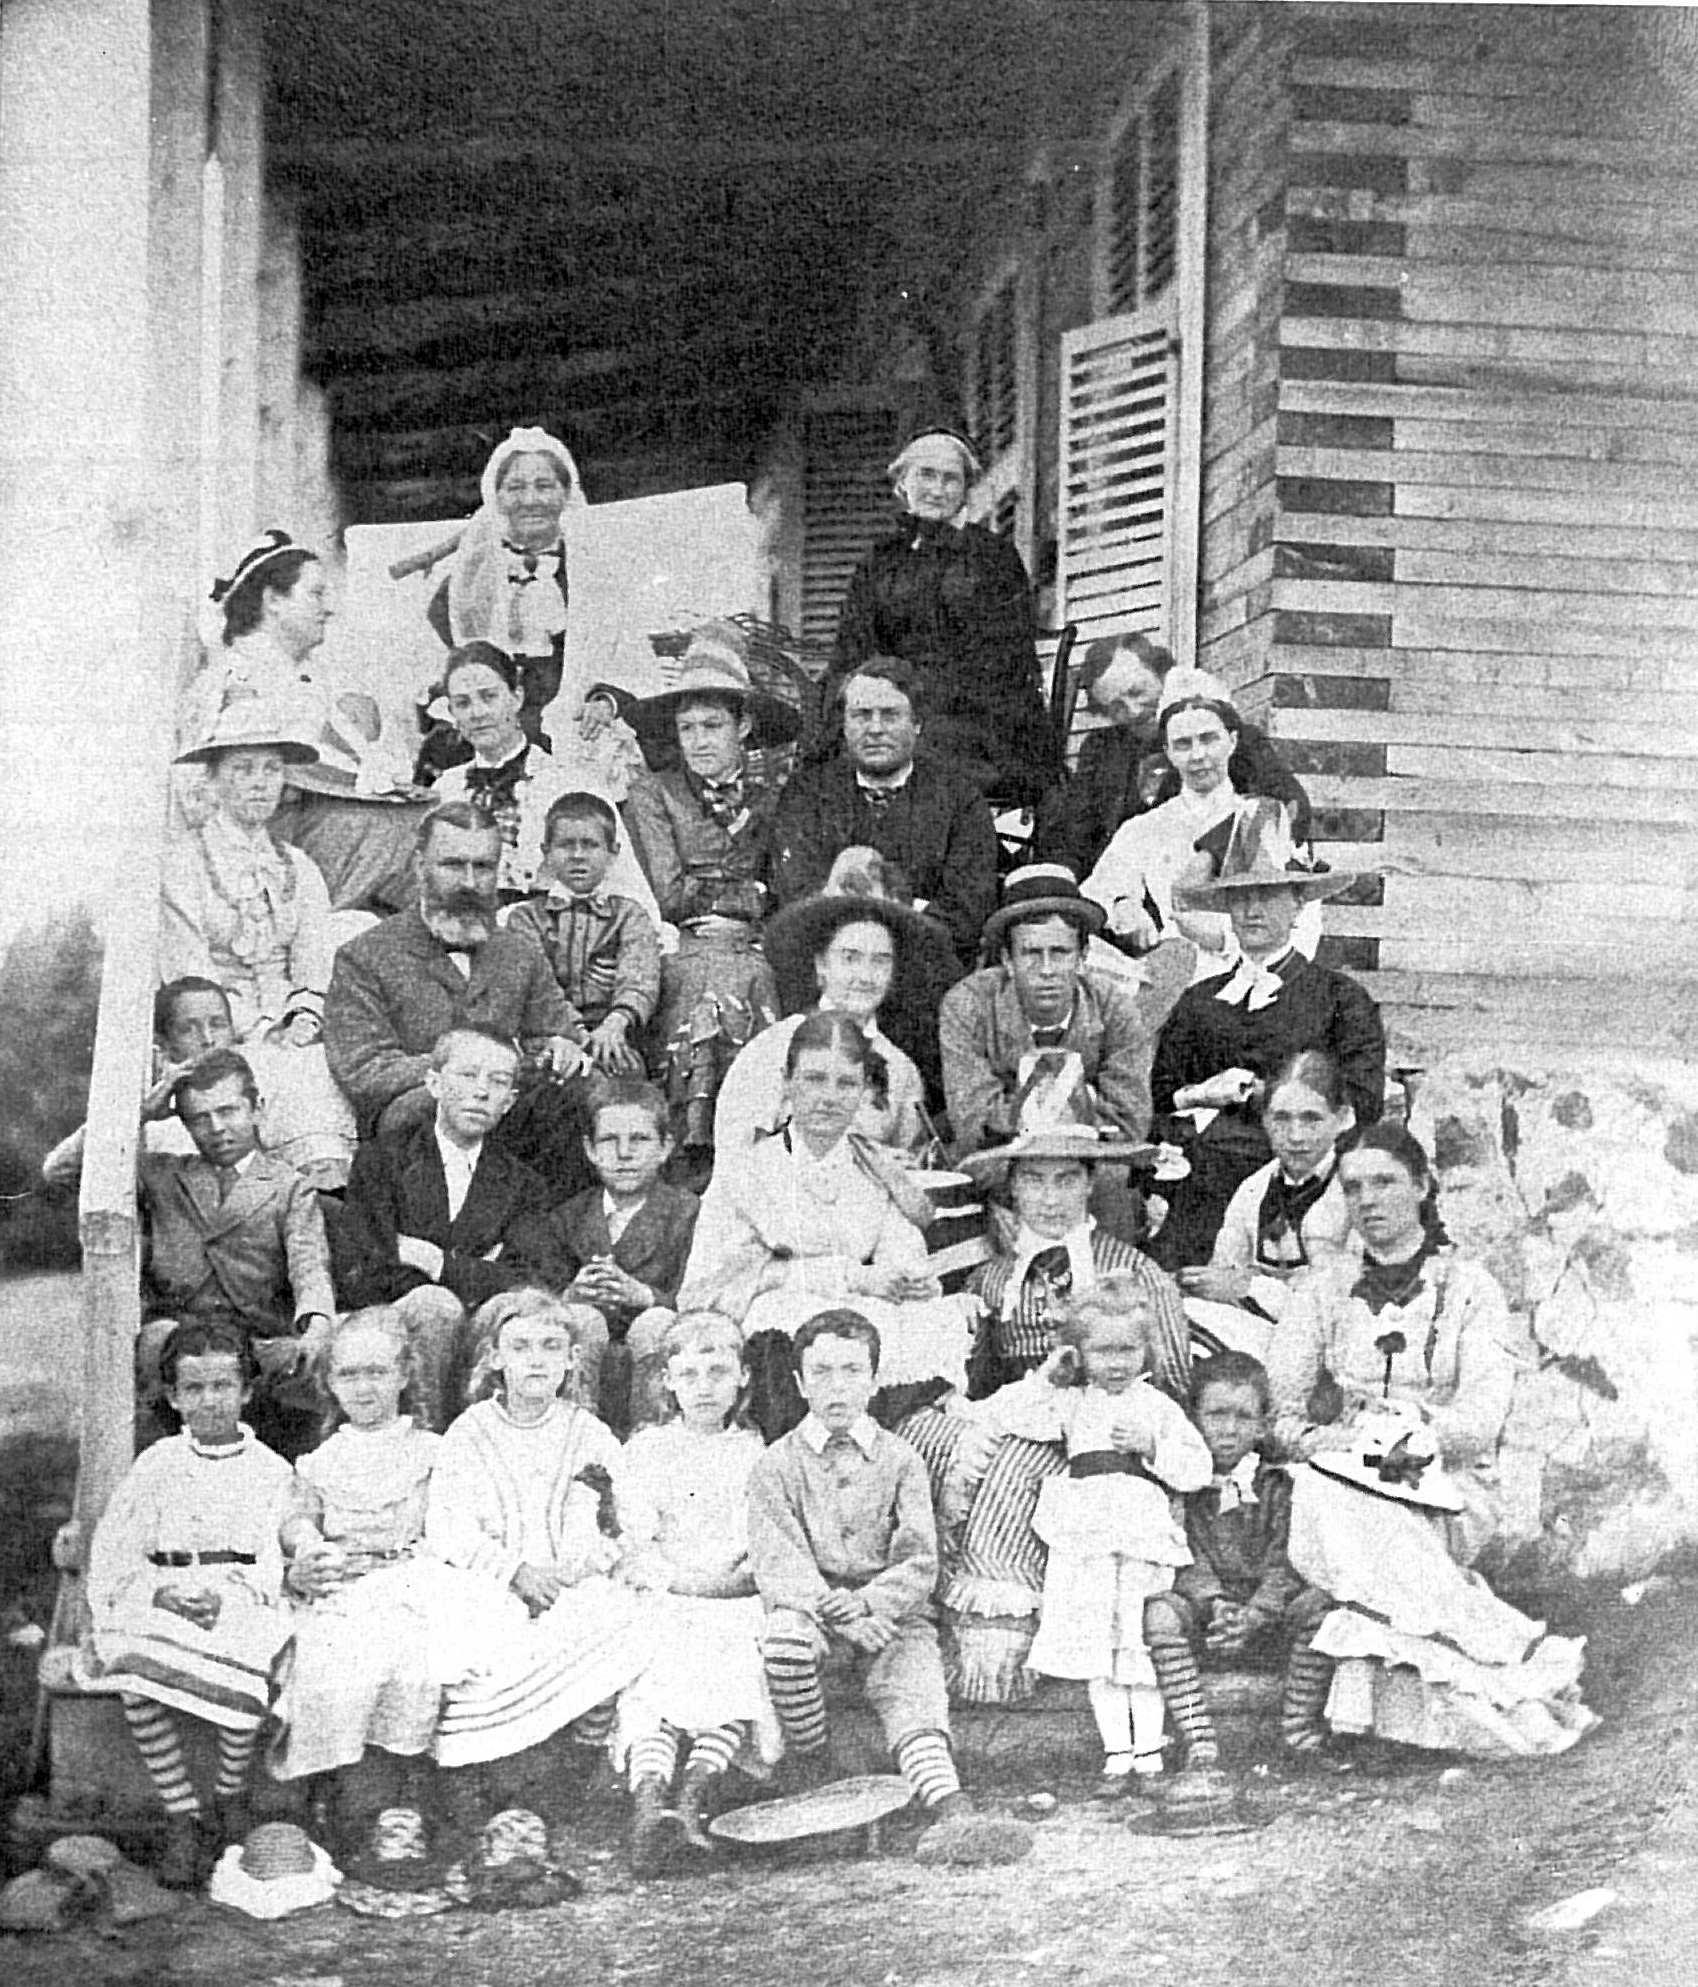 Photographie d'une grande famille dans les marches d'une galerie.